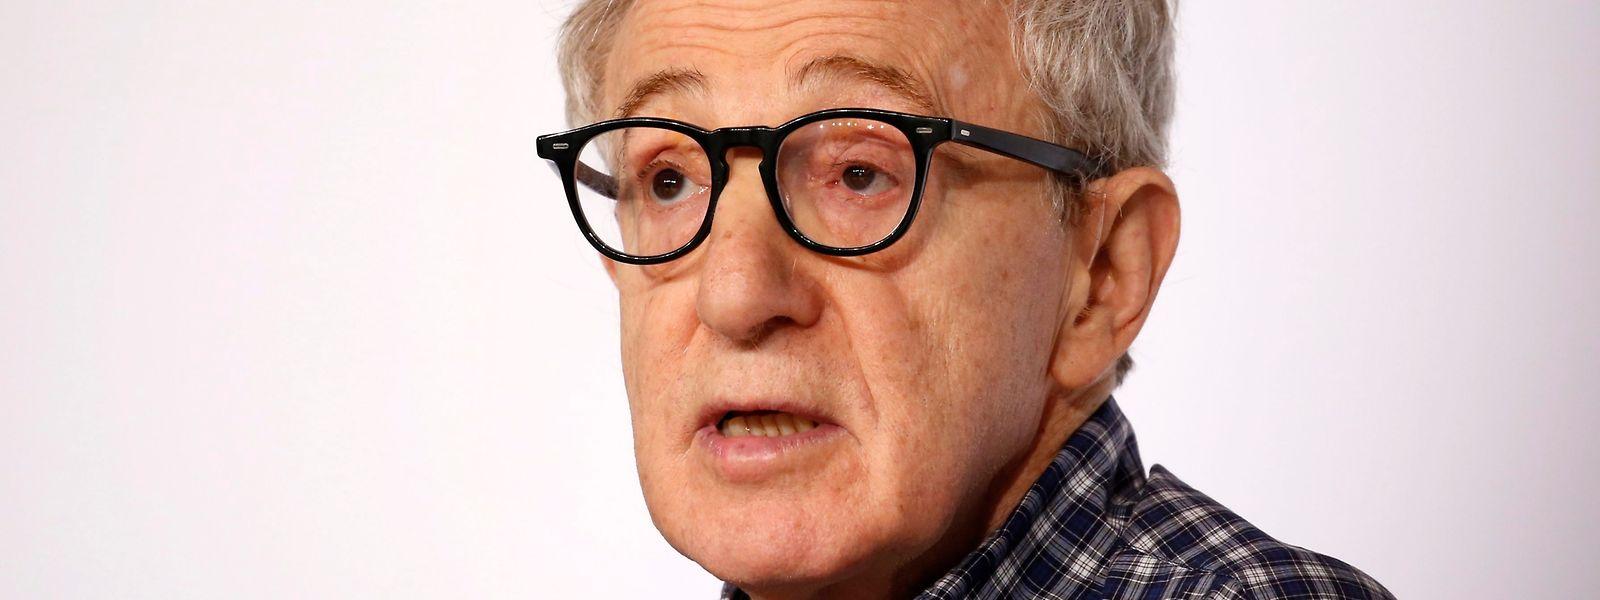 Der US-Regisseur und Schauspieler Woody Allen